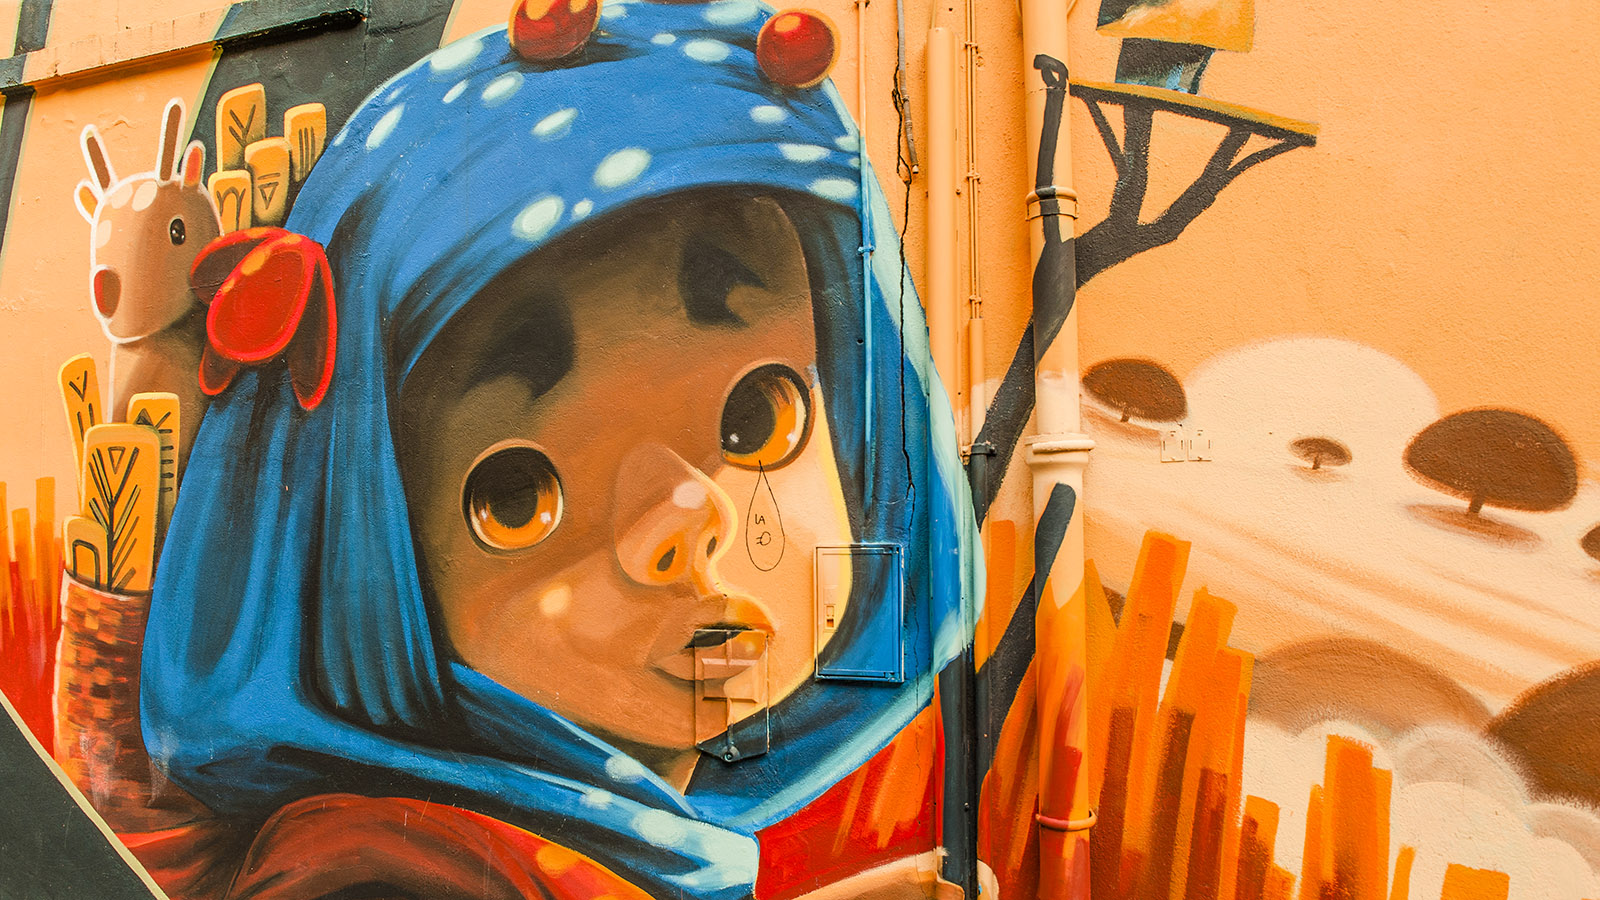 Das staundende Mädchen von AnimaltoLand (Argentinien) in der Rue Génissieu. Foto: Hilke Maunder